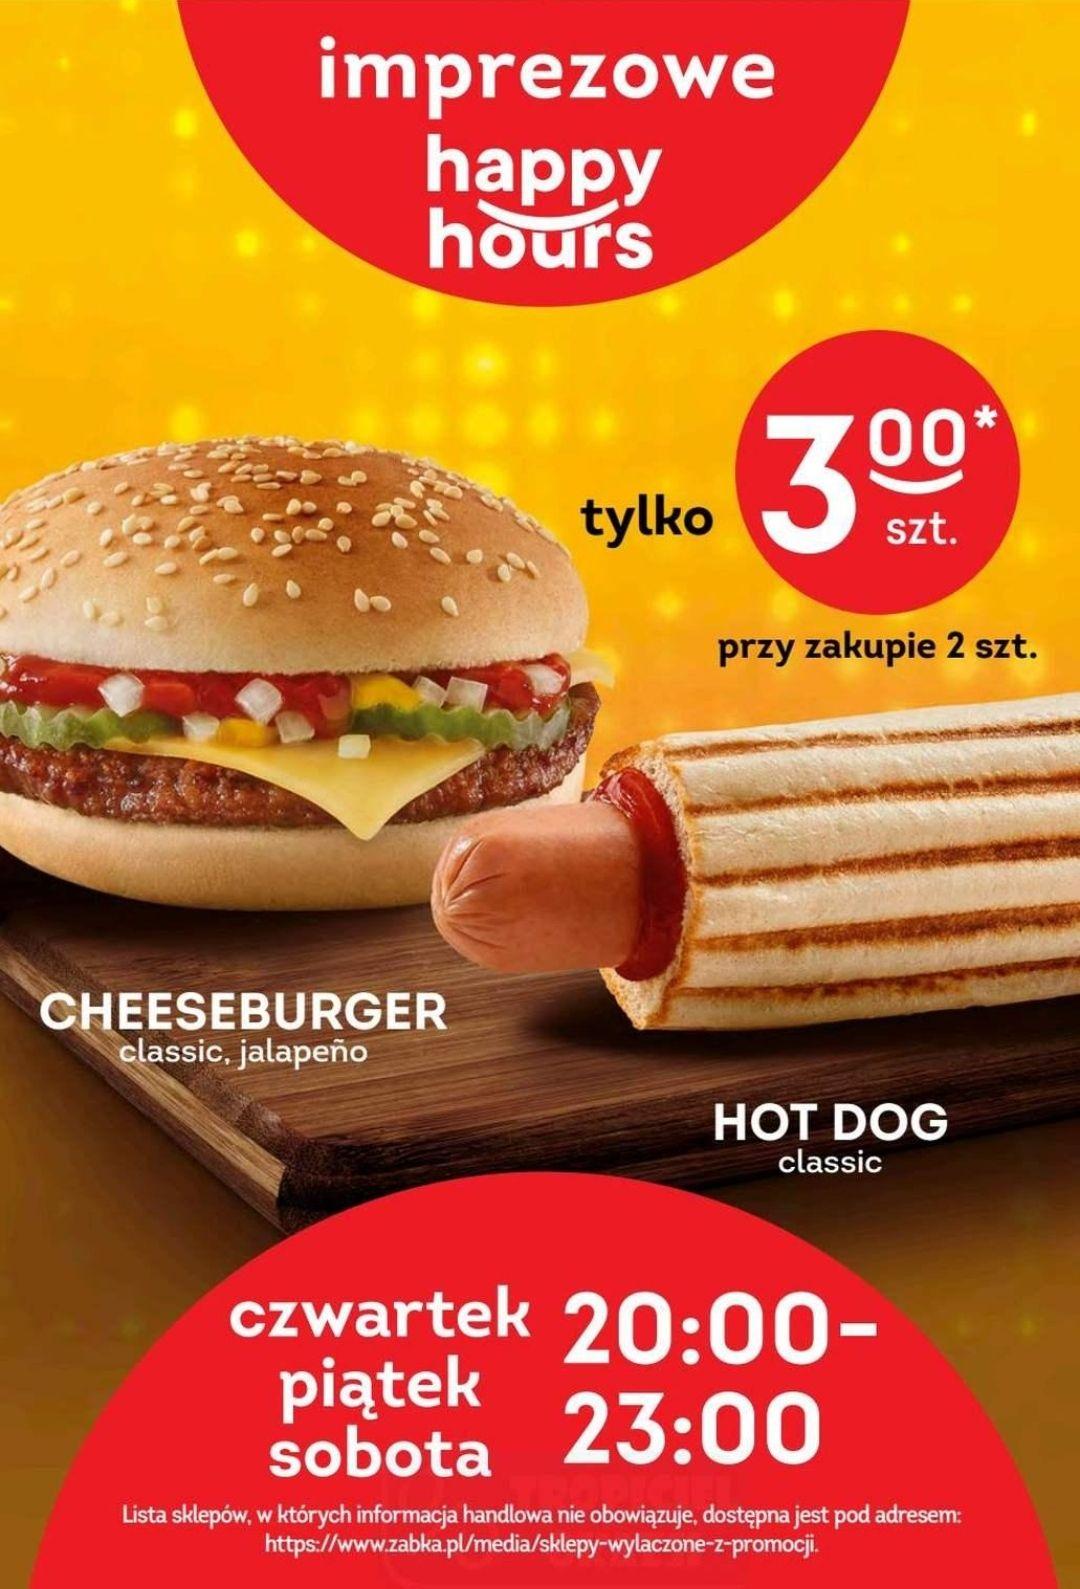 Hot-Dog i Cheeseburger za 3zł przy zakupie 2szt - Żabka